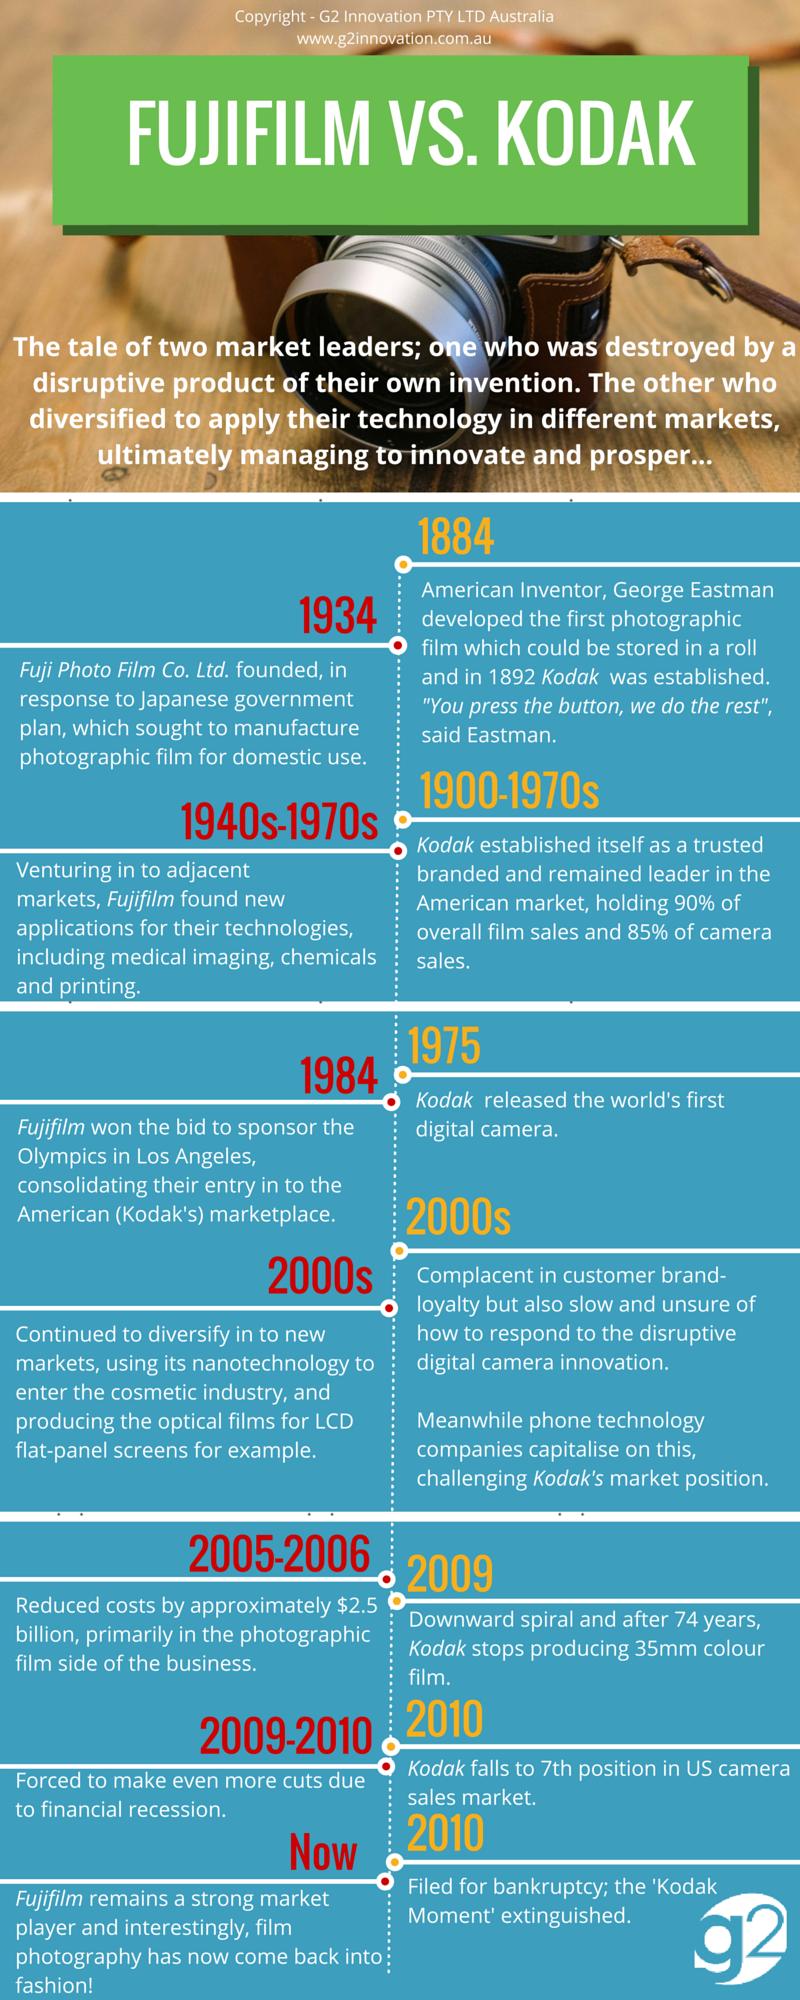 Fujifilm vs. Kodak.png